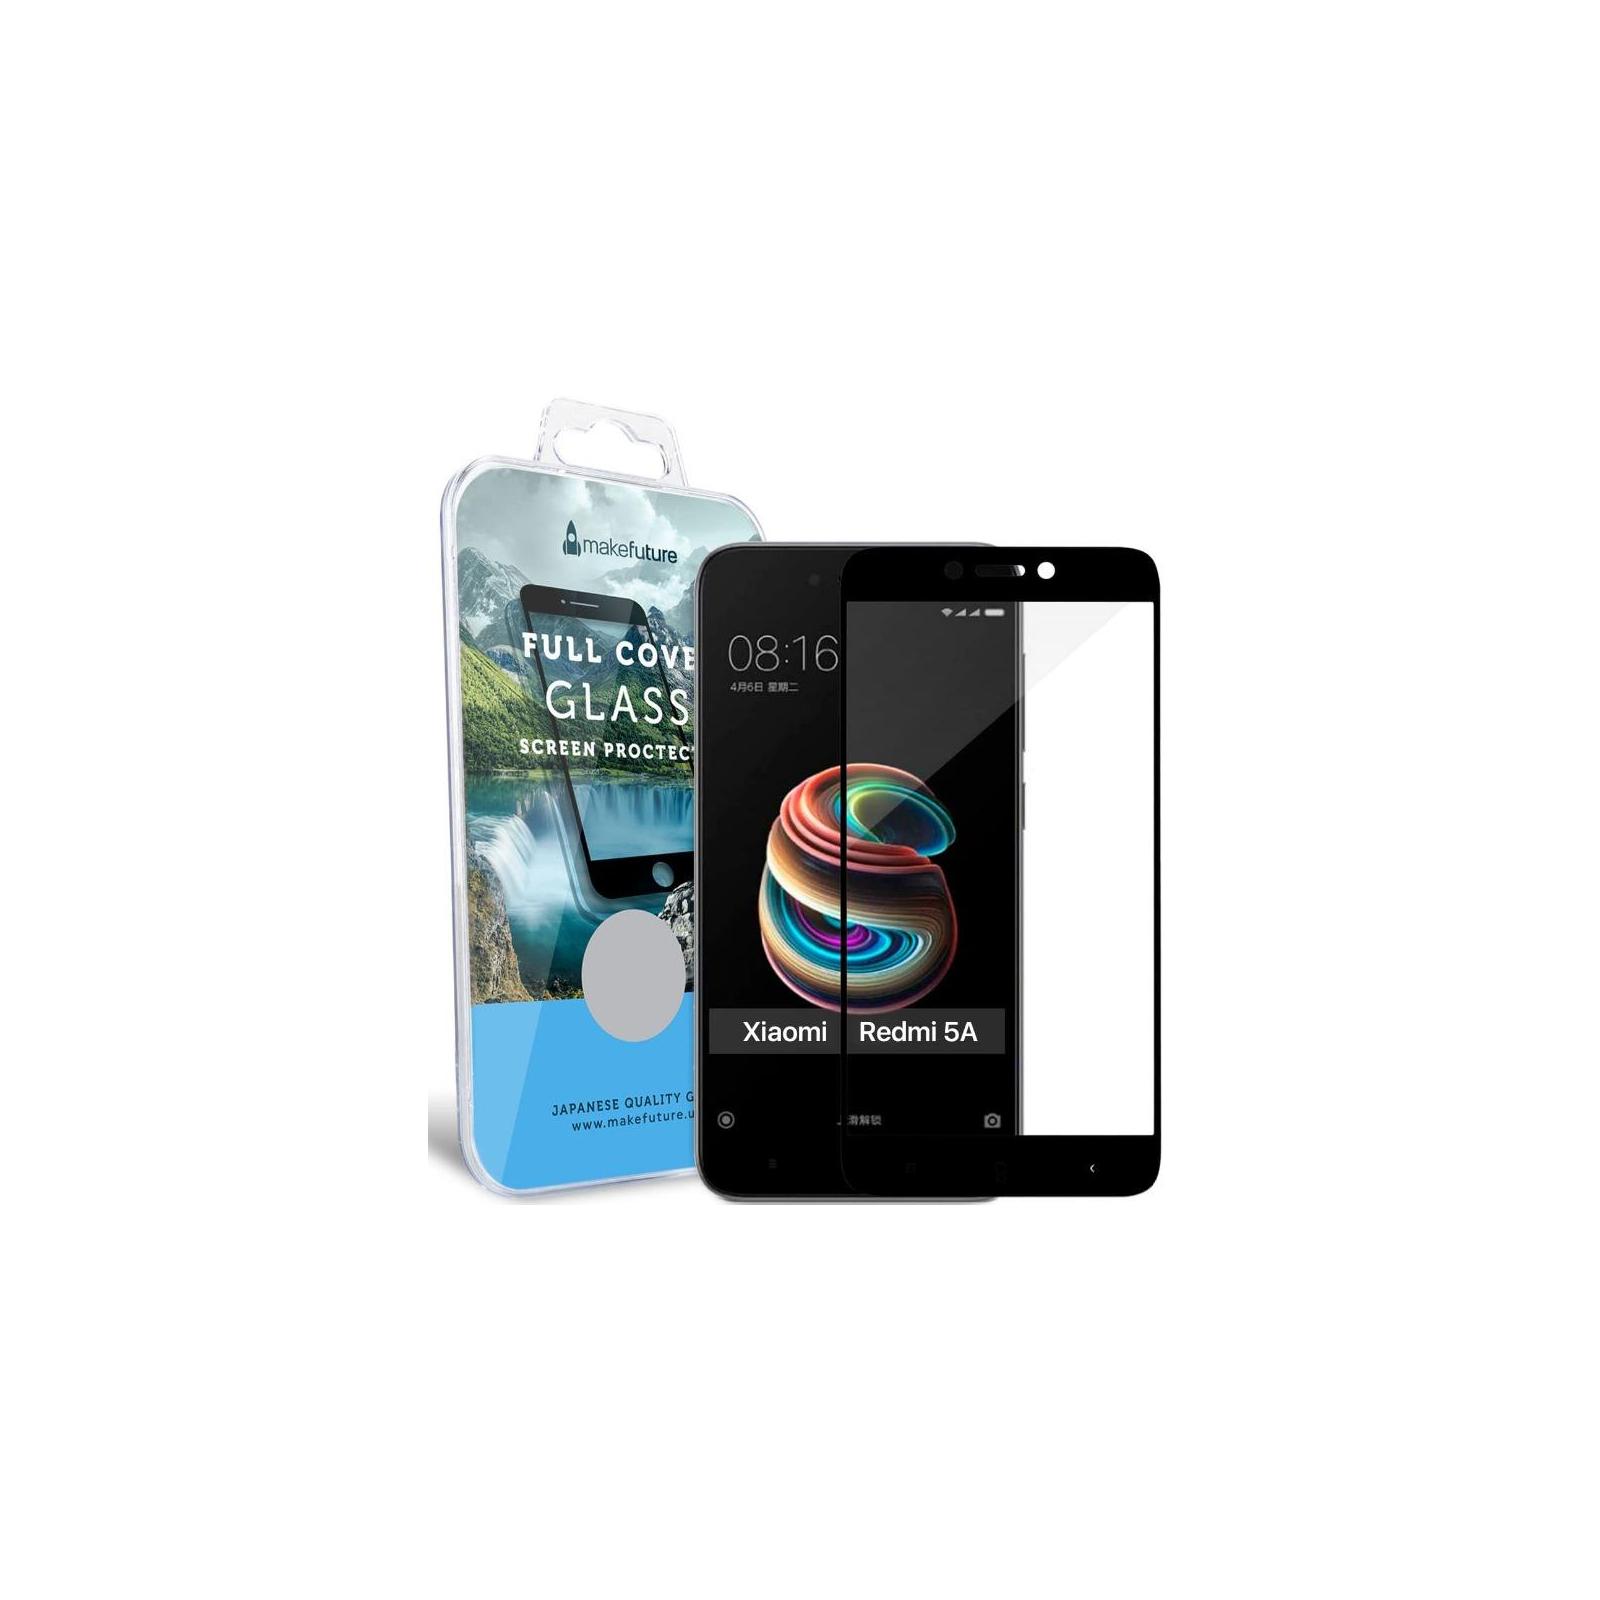 Стекло защитное MakeFuture для Xiaomi Redmi 5A Black Full Cover Full Glue (MGFCFG-XR5AB) изображение 5